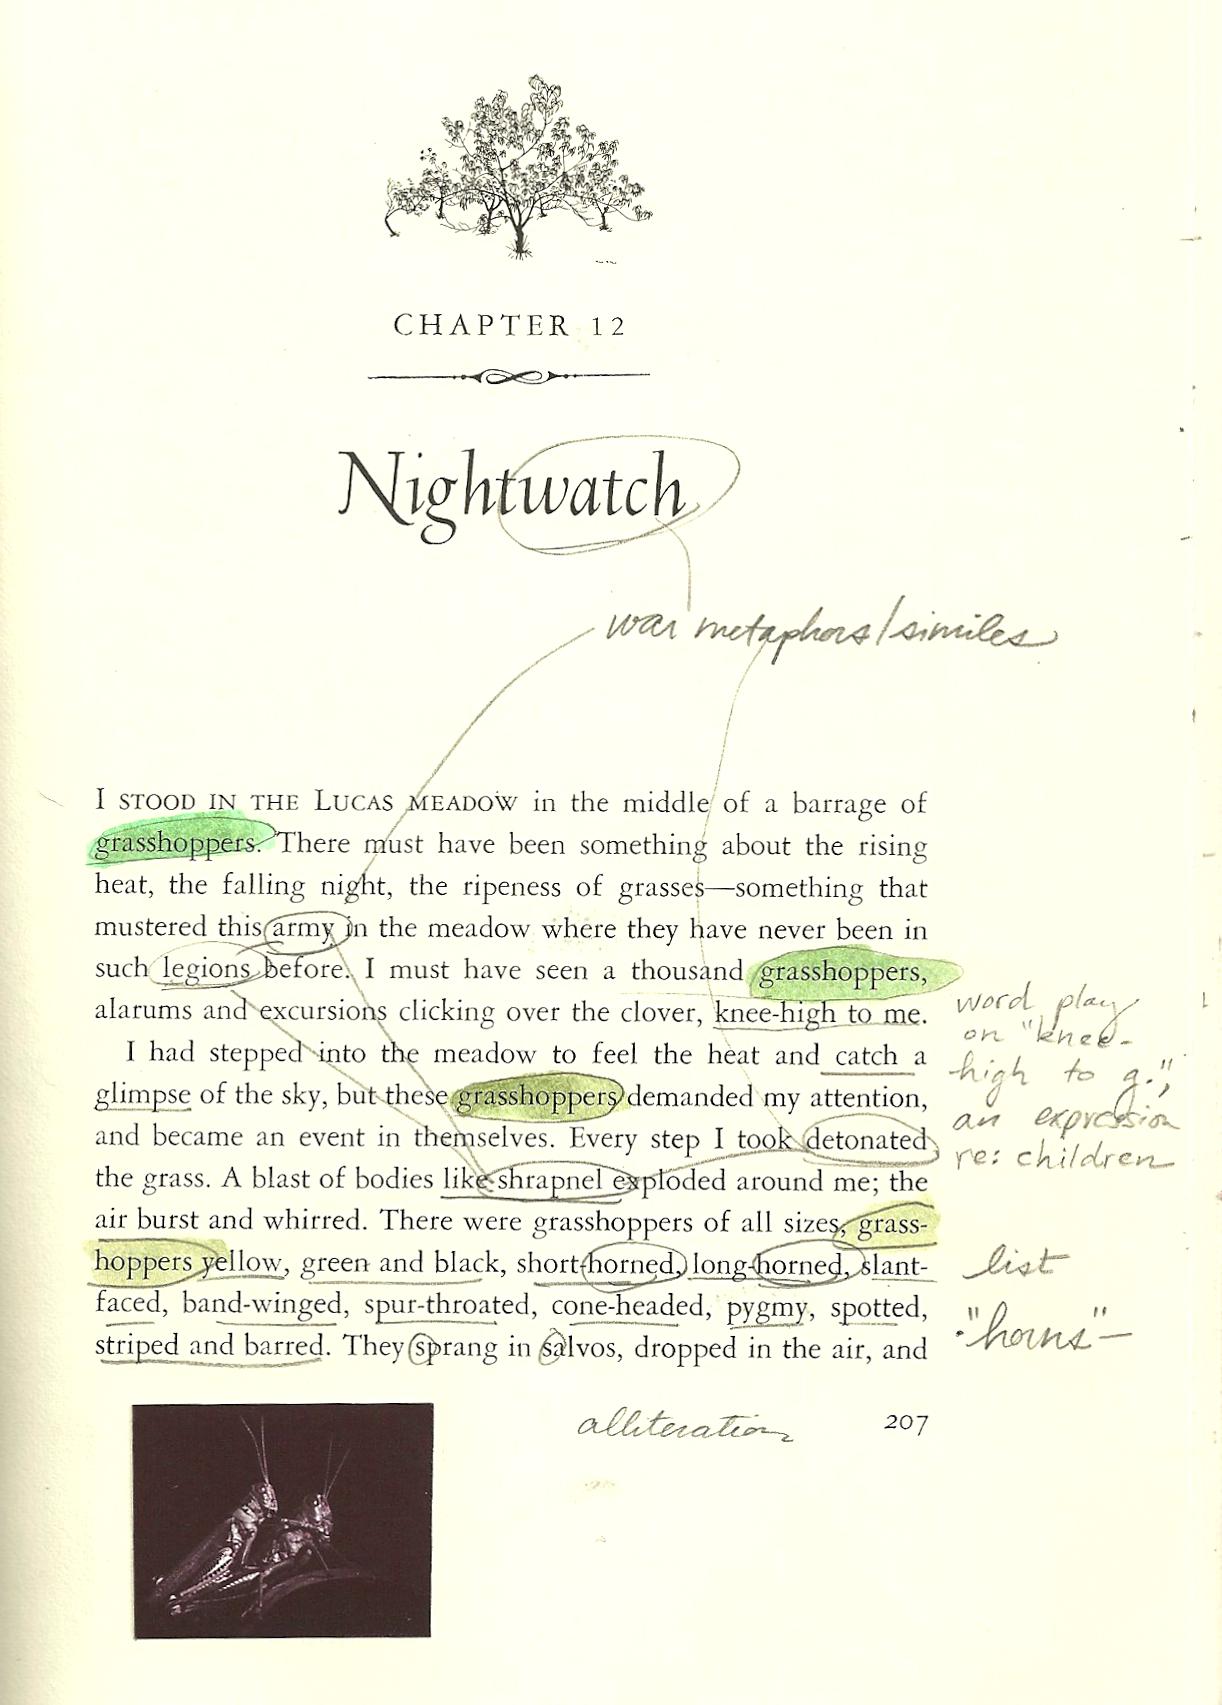 pilgrim page 207